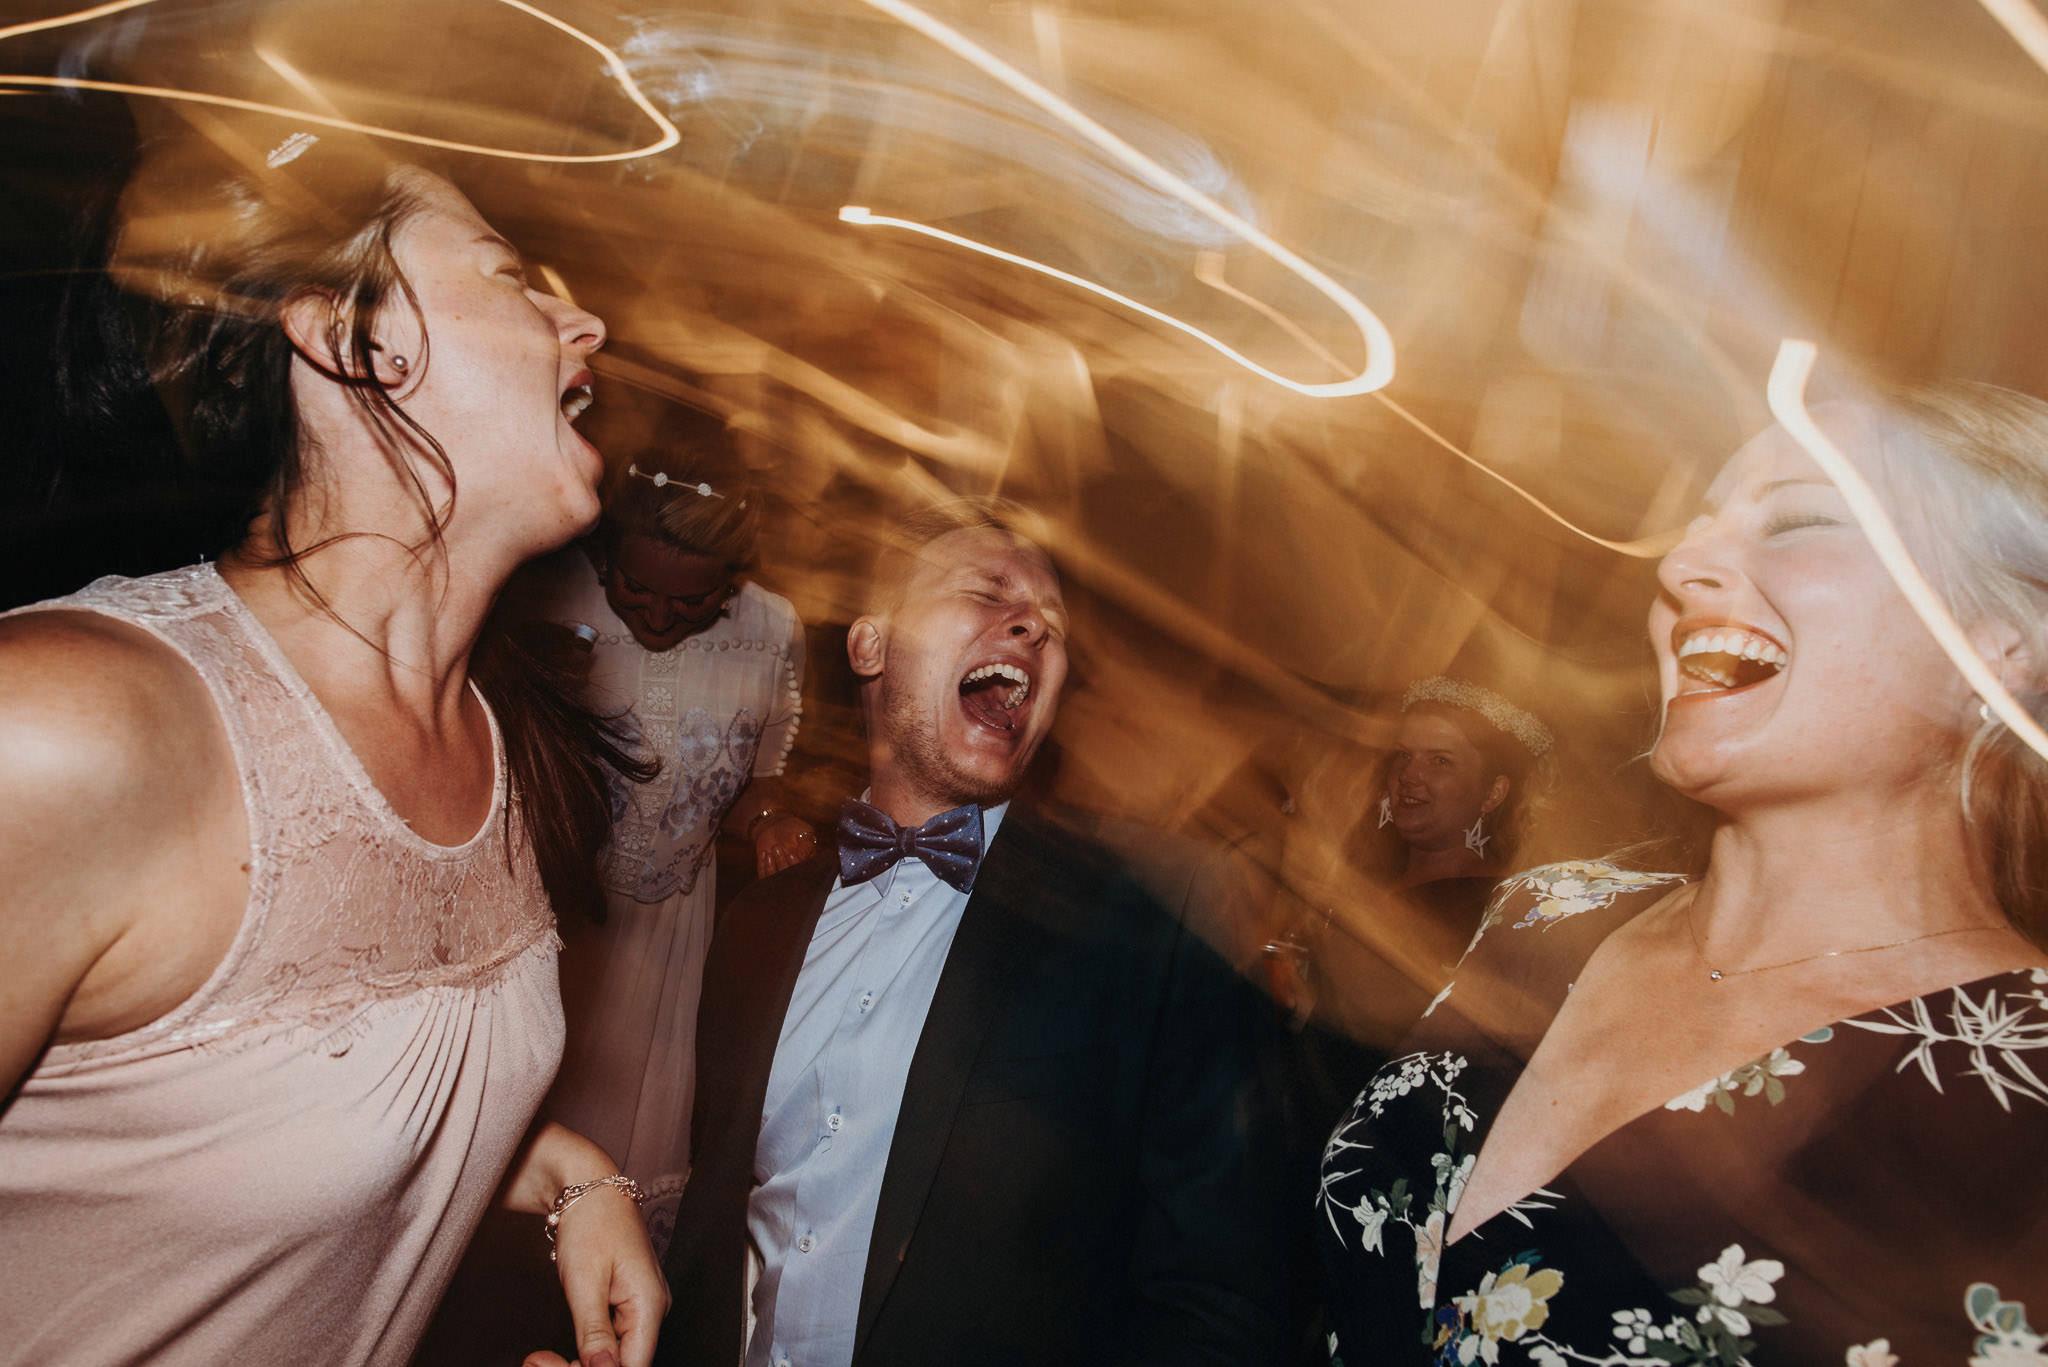 jere-satamo-ruissalo-haat-samesex-wedding-valokuvaaja-turku-098web.jpg